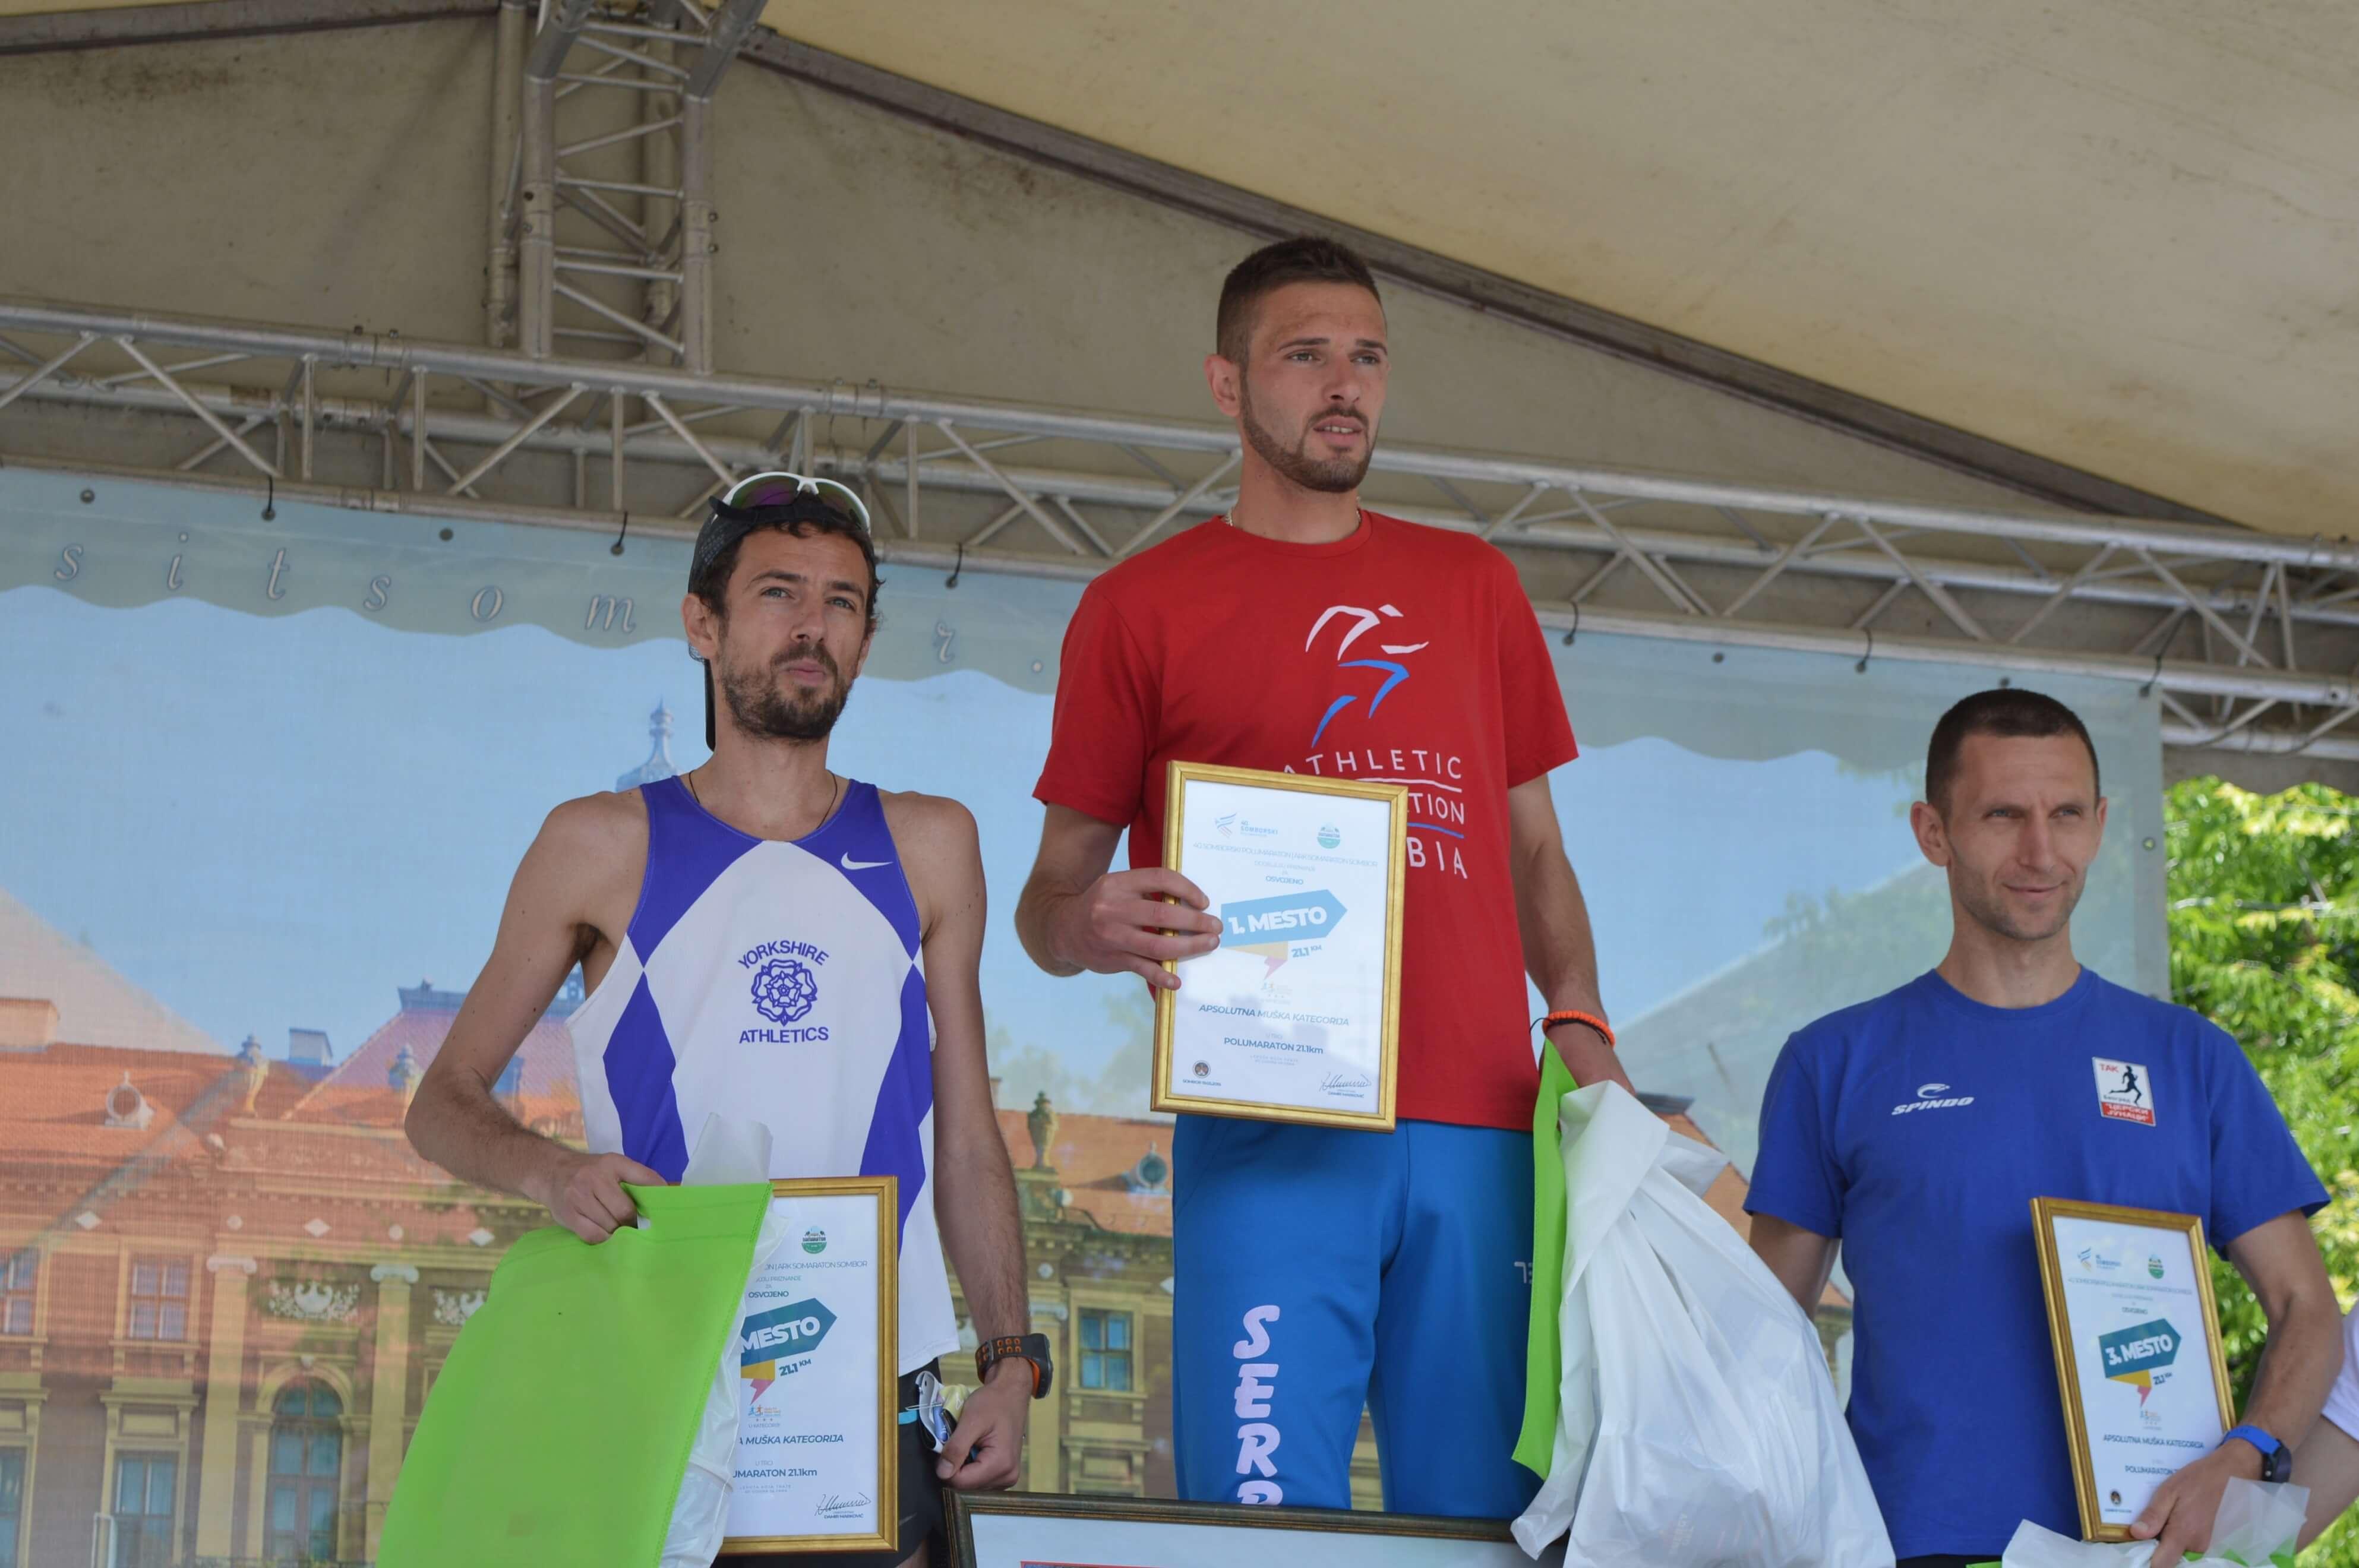 Велимир Бојовић (друго место), Милан Митровић (прво место) и Милош Дајевић (треће место)